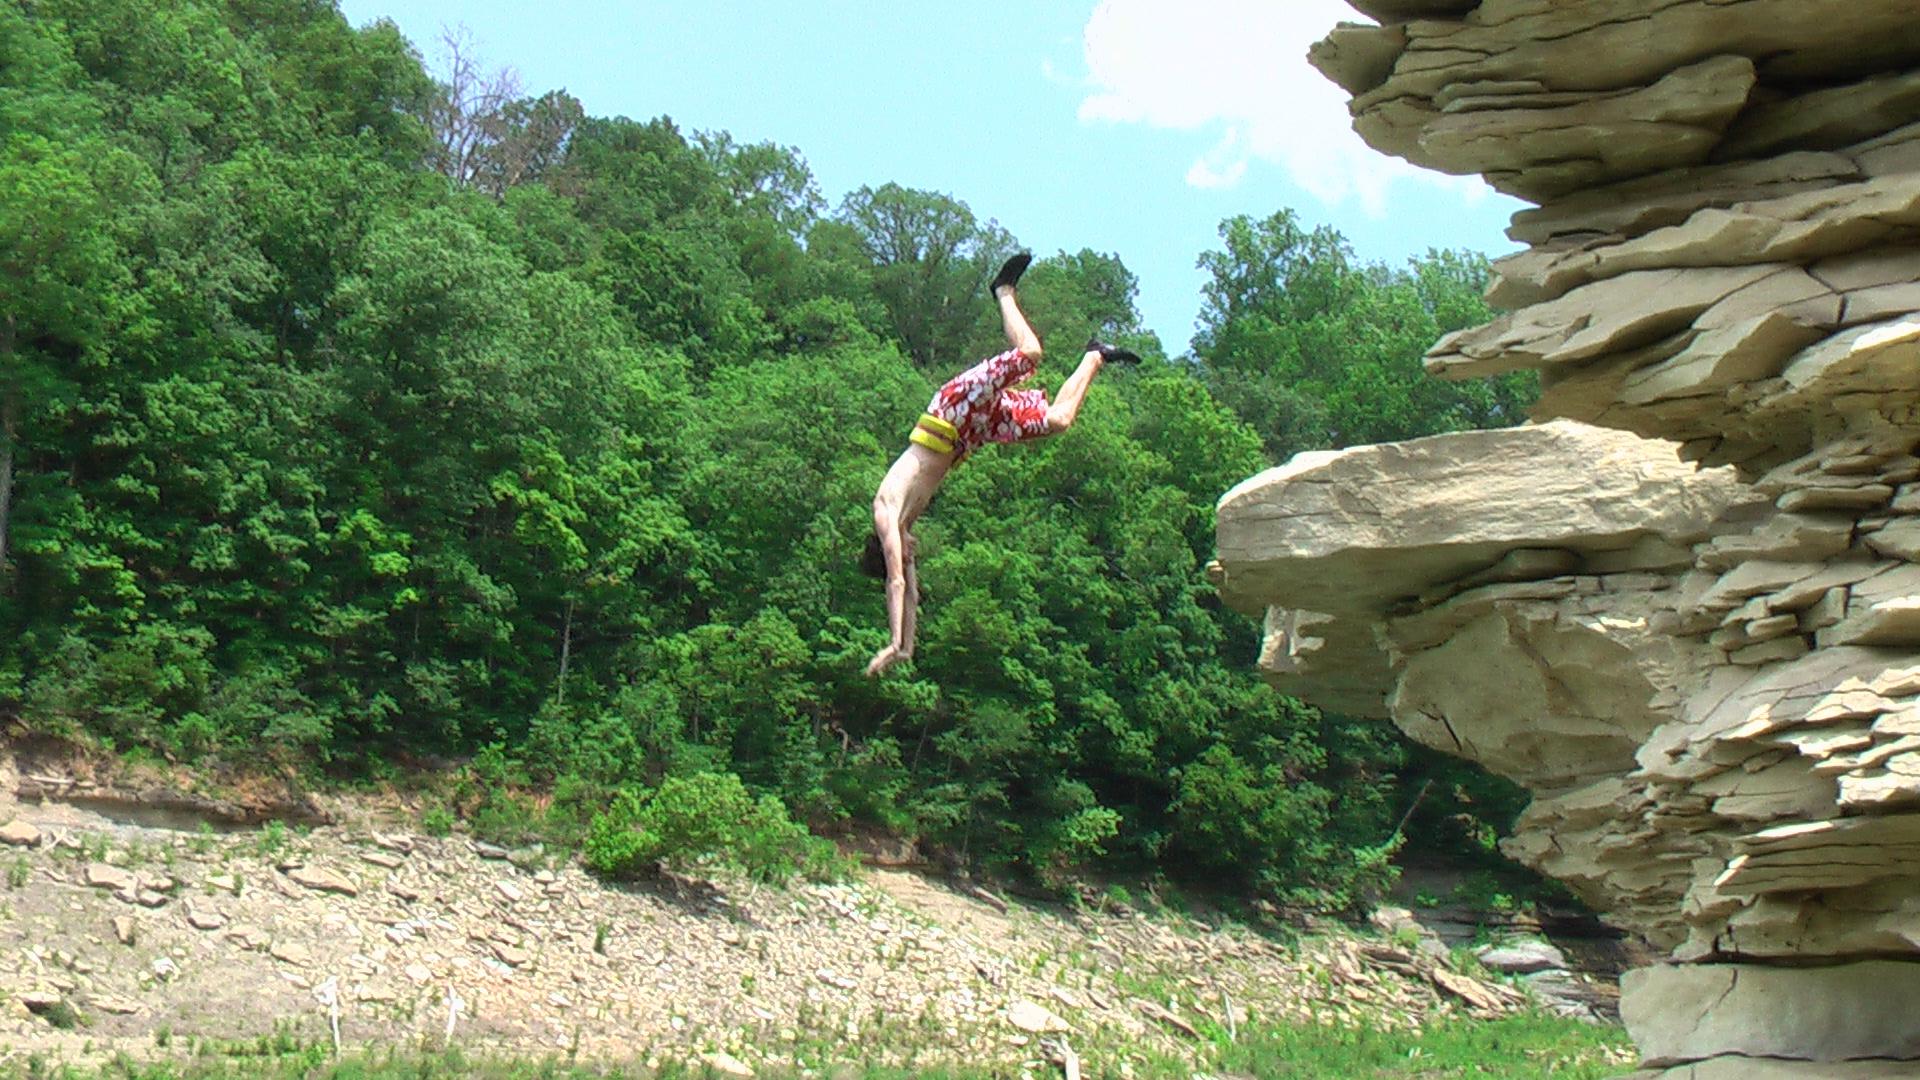 Superman Frontflip off a Cliff